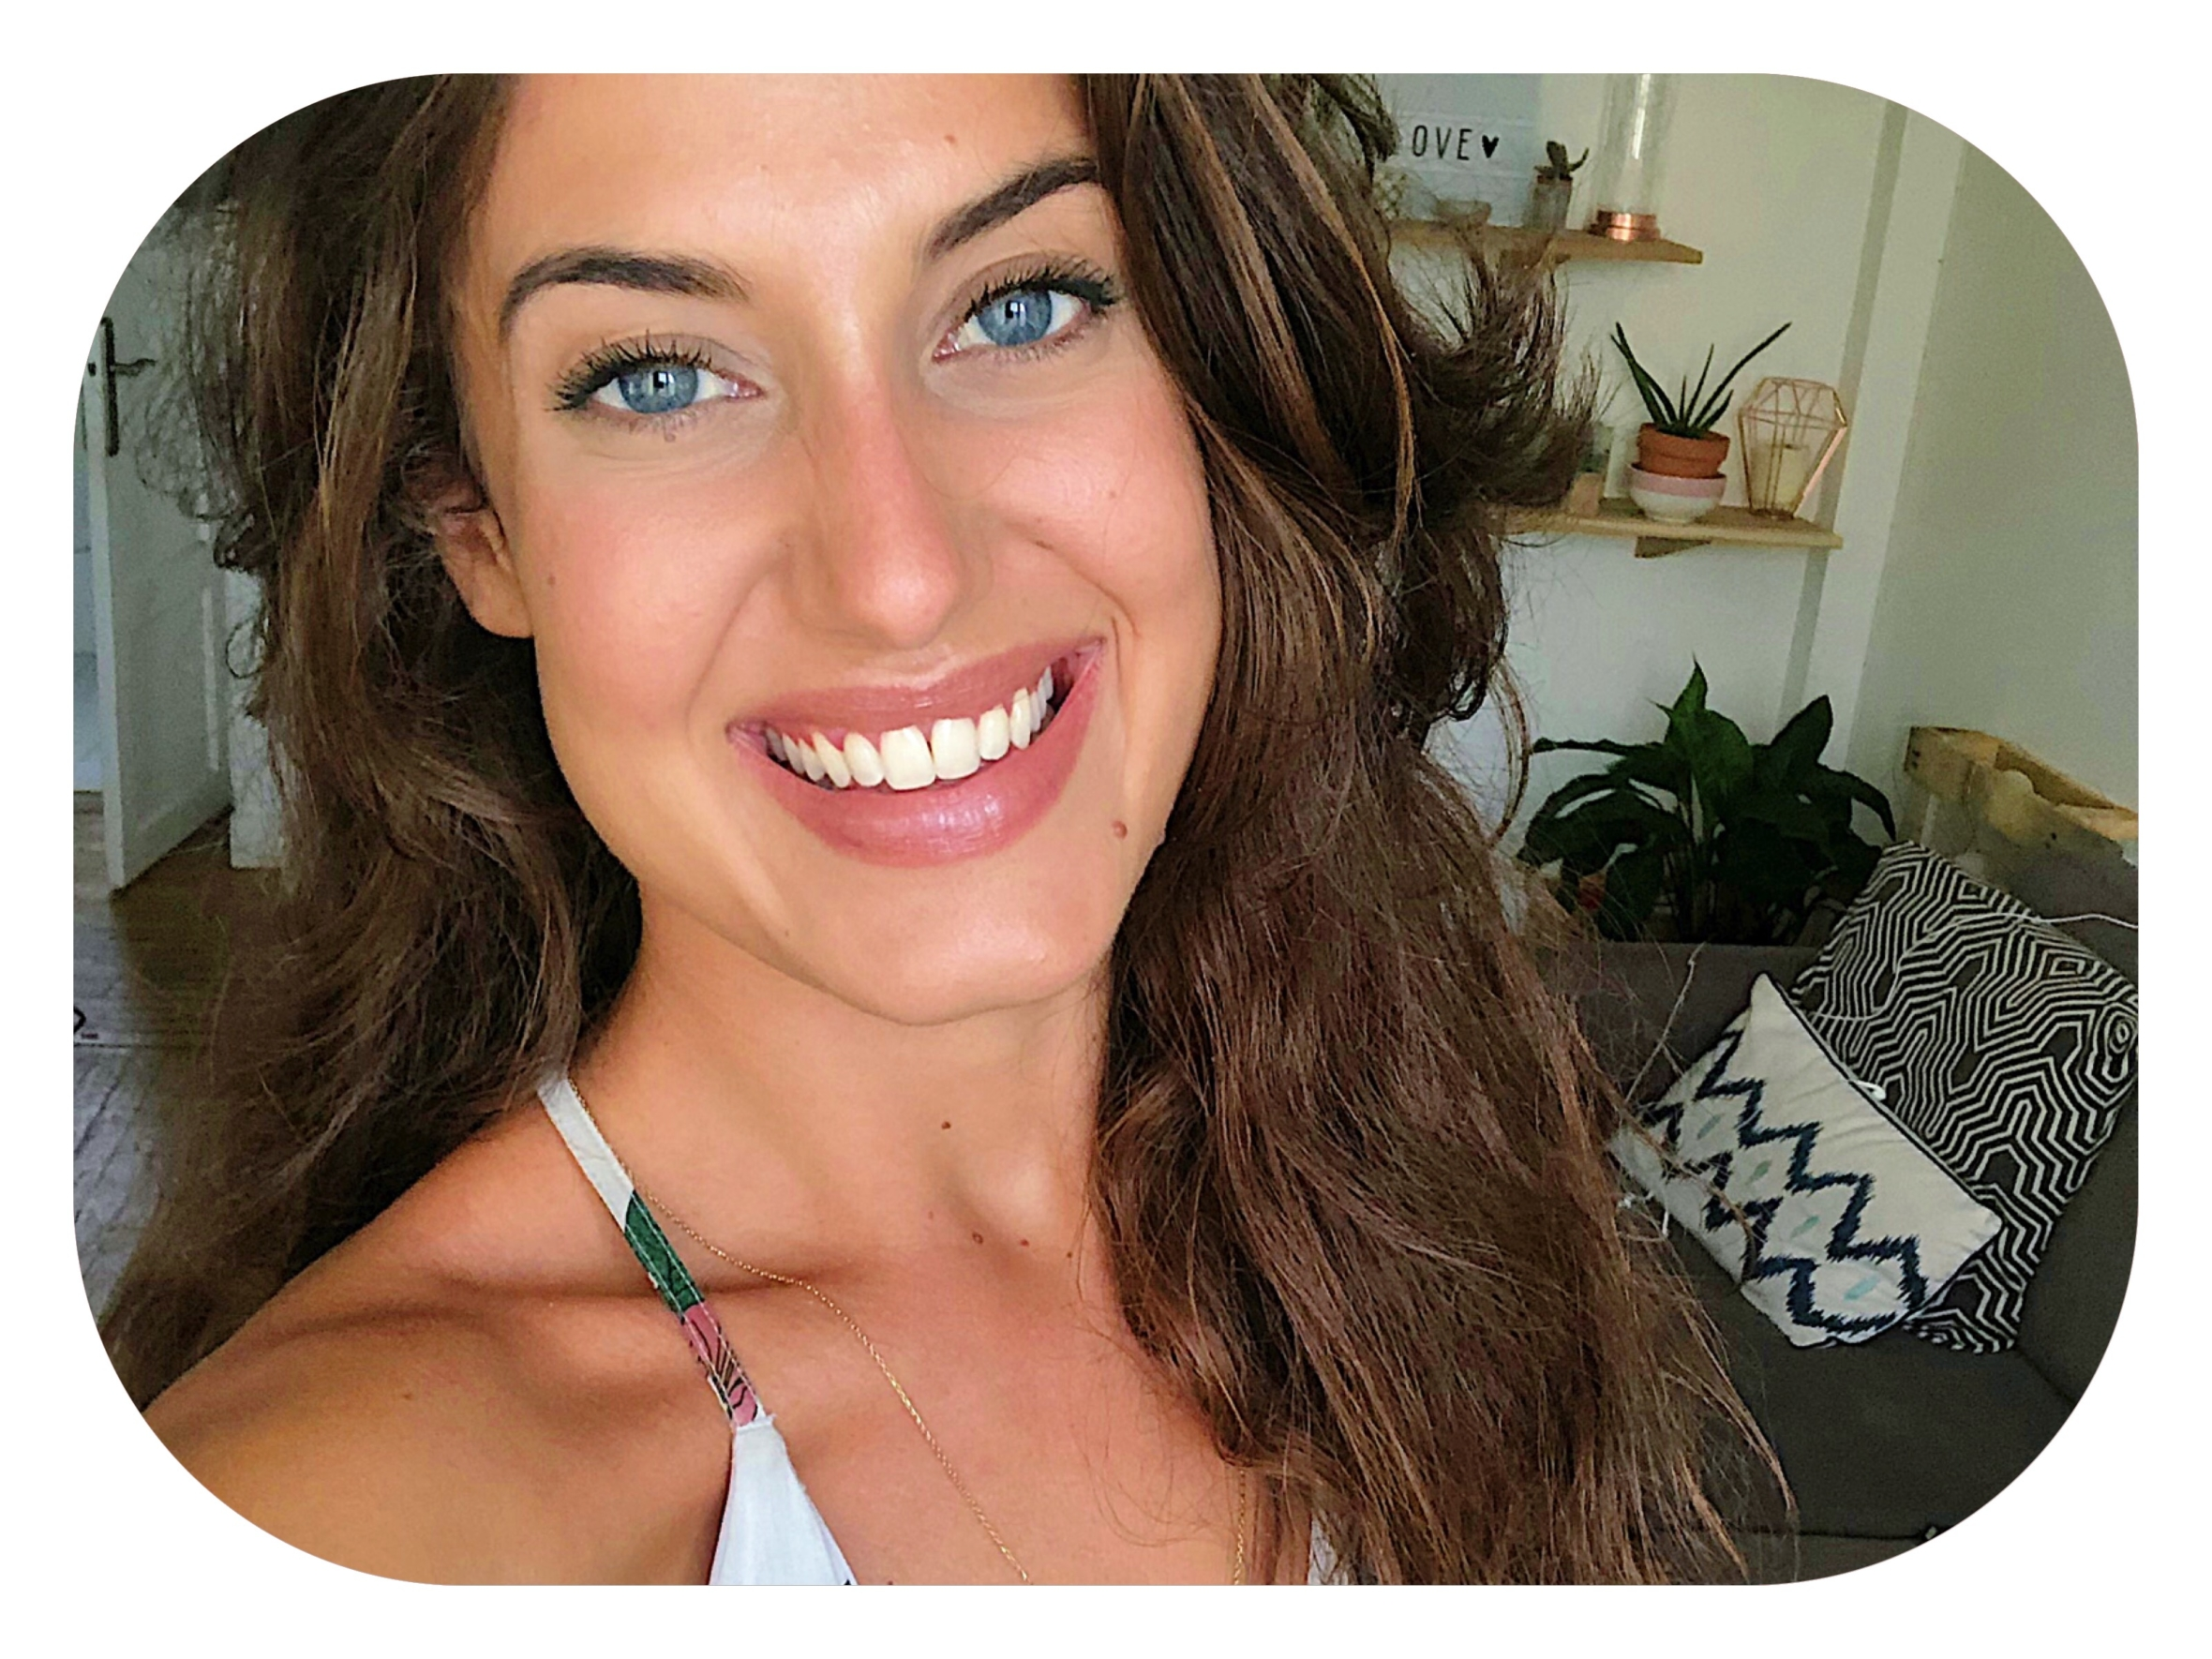 Des petites astuces et conseils pour se maquiller l'été, quand il fait chaud. Quels produits utiliser, comment faire tenir le maquillage, comment éviter les brillances et quel type de look adopter pour les beaux jours ?